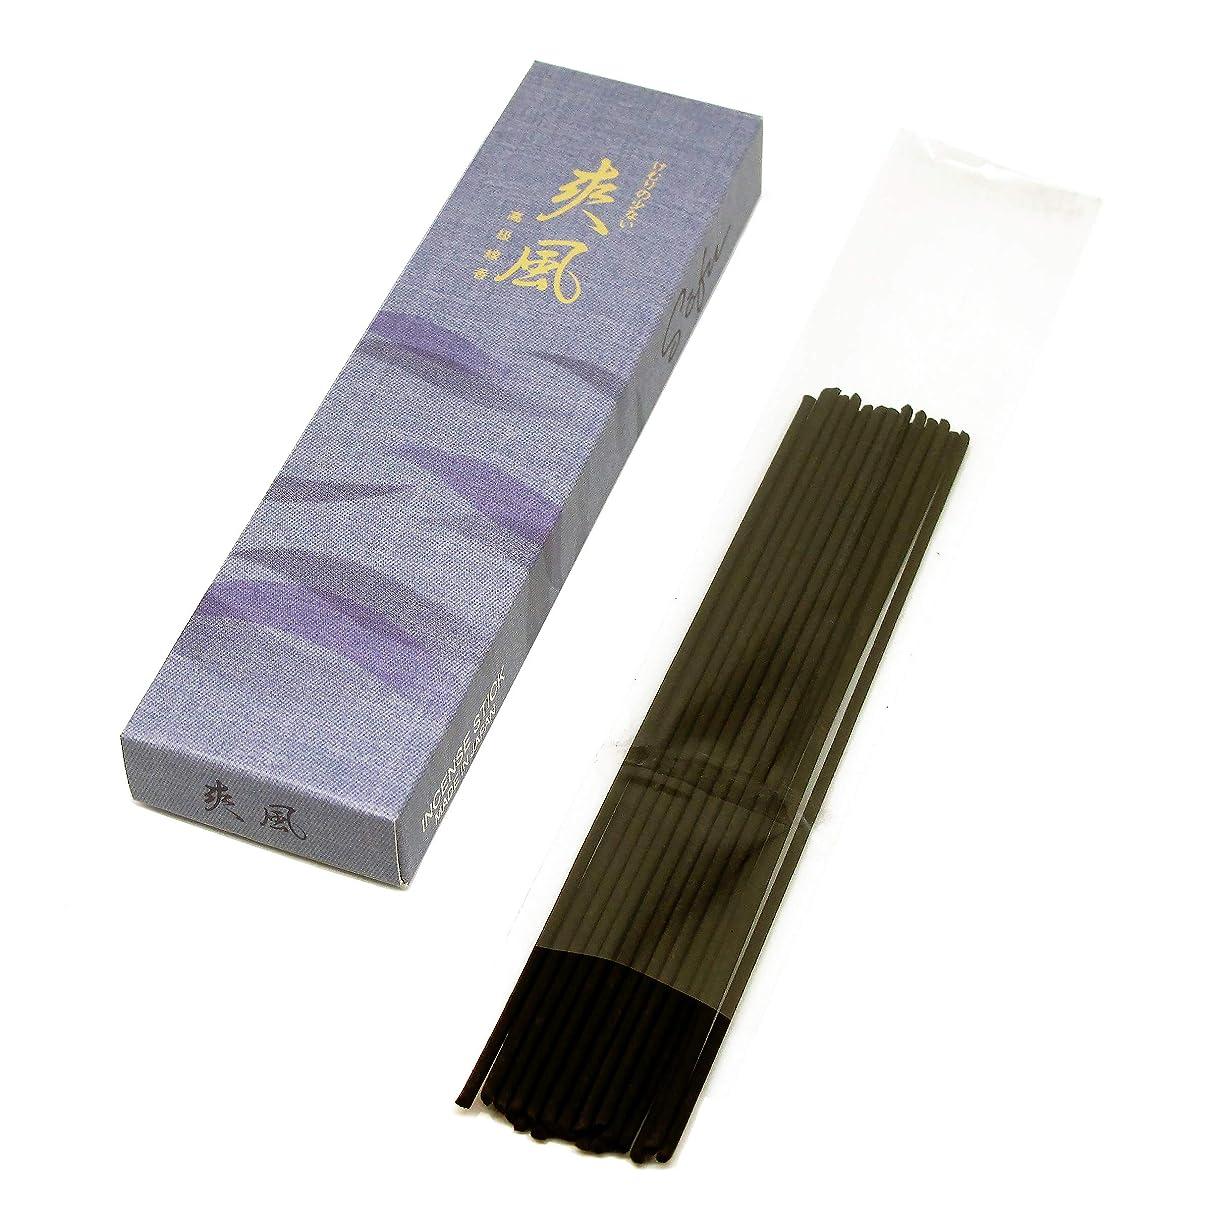 チャネル小さいレモンGyokushodo 日本の線香 ソファー - 黒茶の香り - 煙の少ないタイプ - 小型 パック トライアルサイズ - 5.5インチ 23本 - 日本製